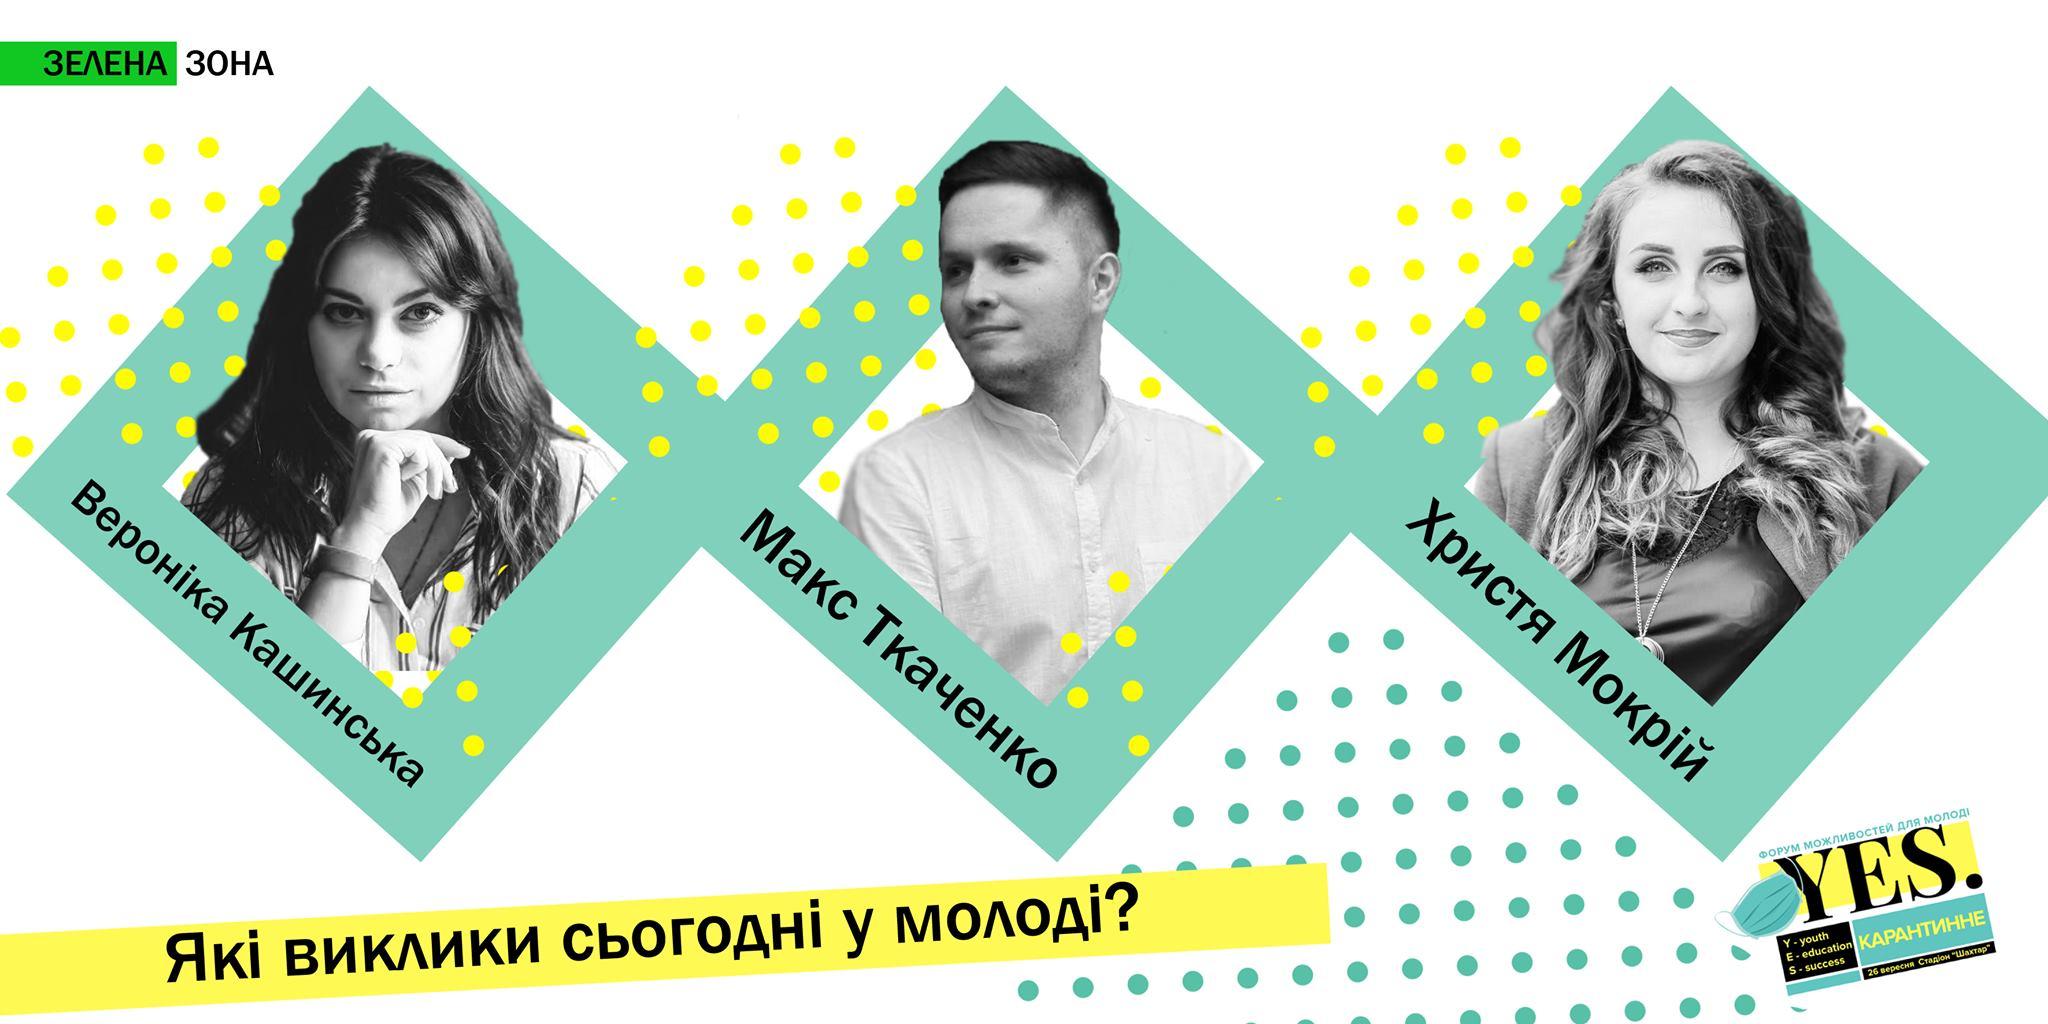 У Червонограді відбудеться  масштабна подія для молоді! Коли і куди приходити? Де реєструватись?